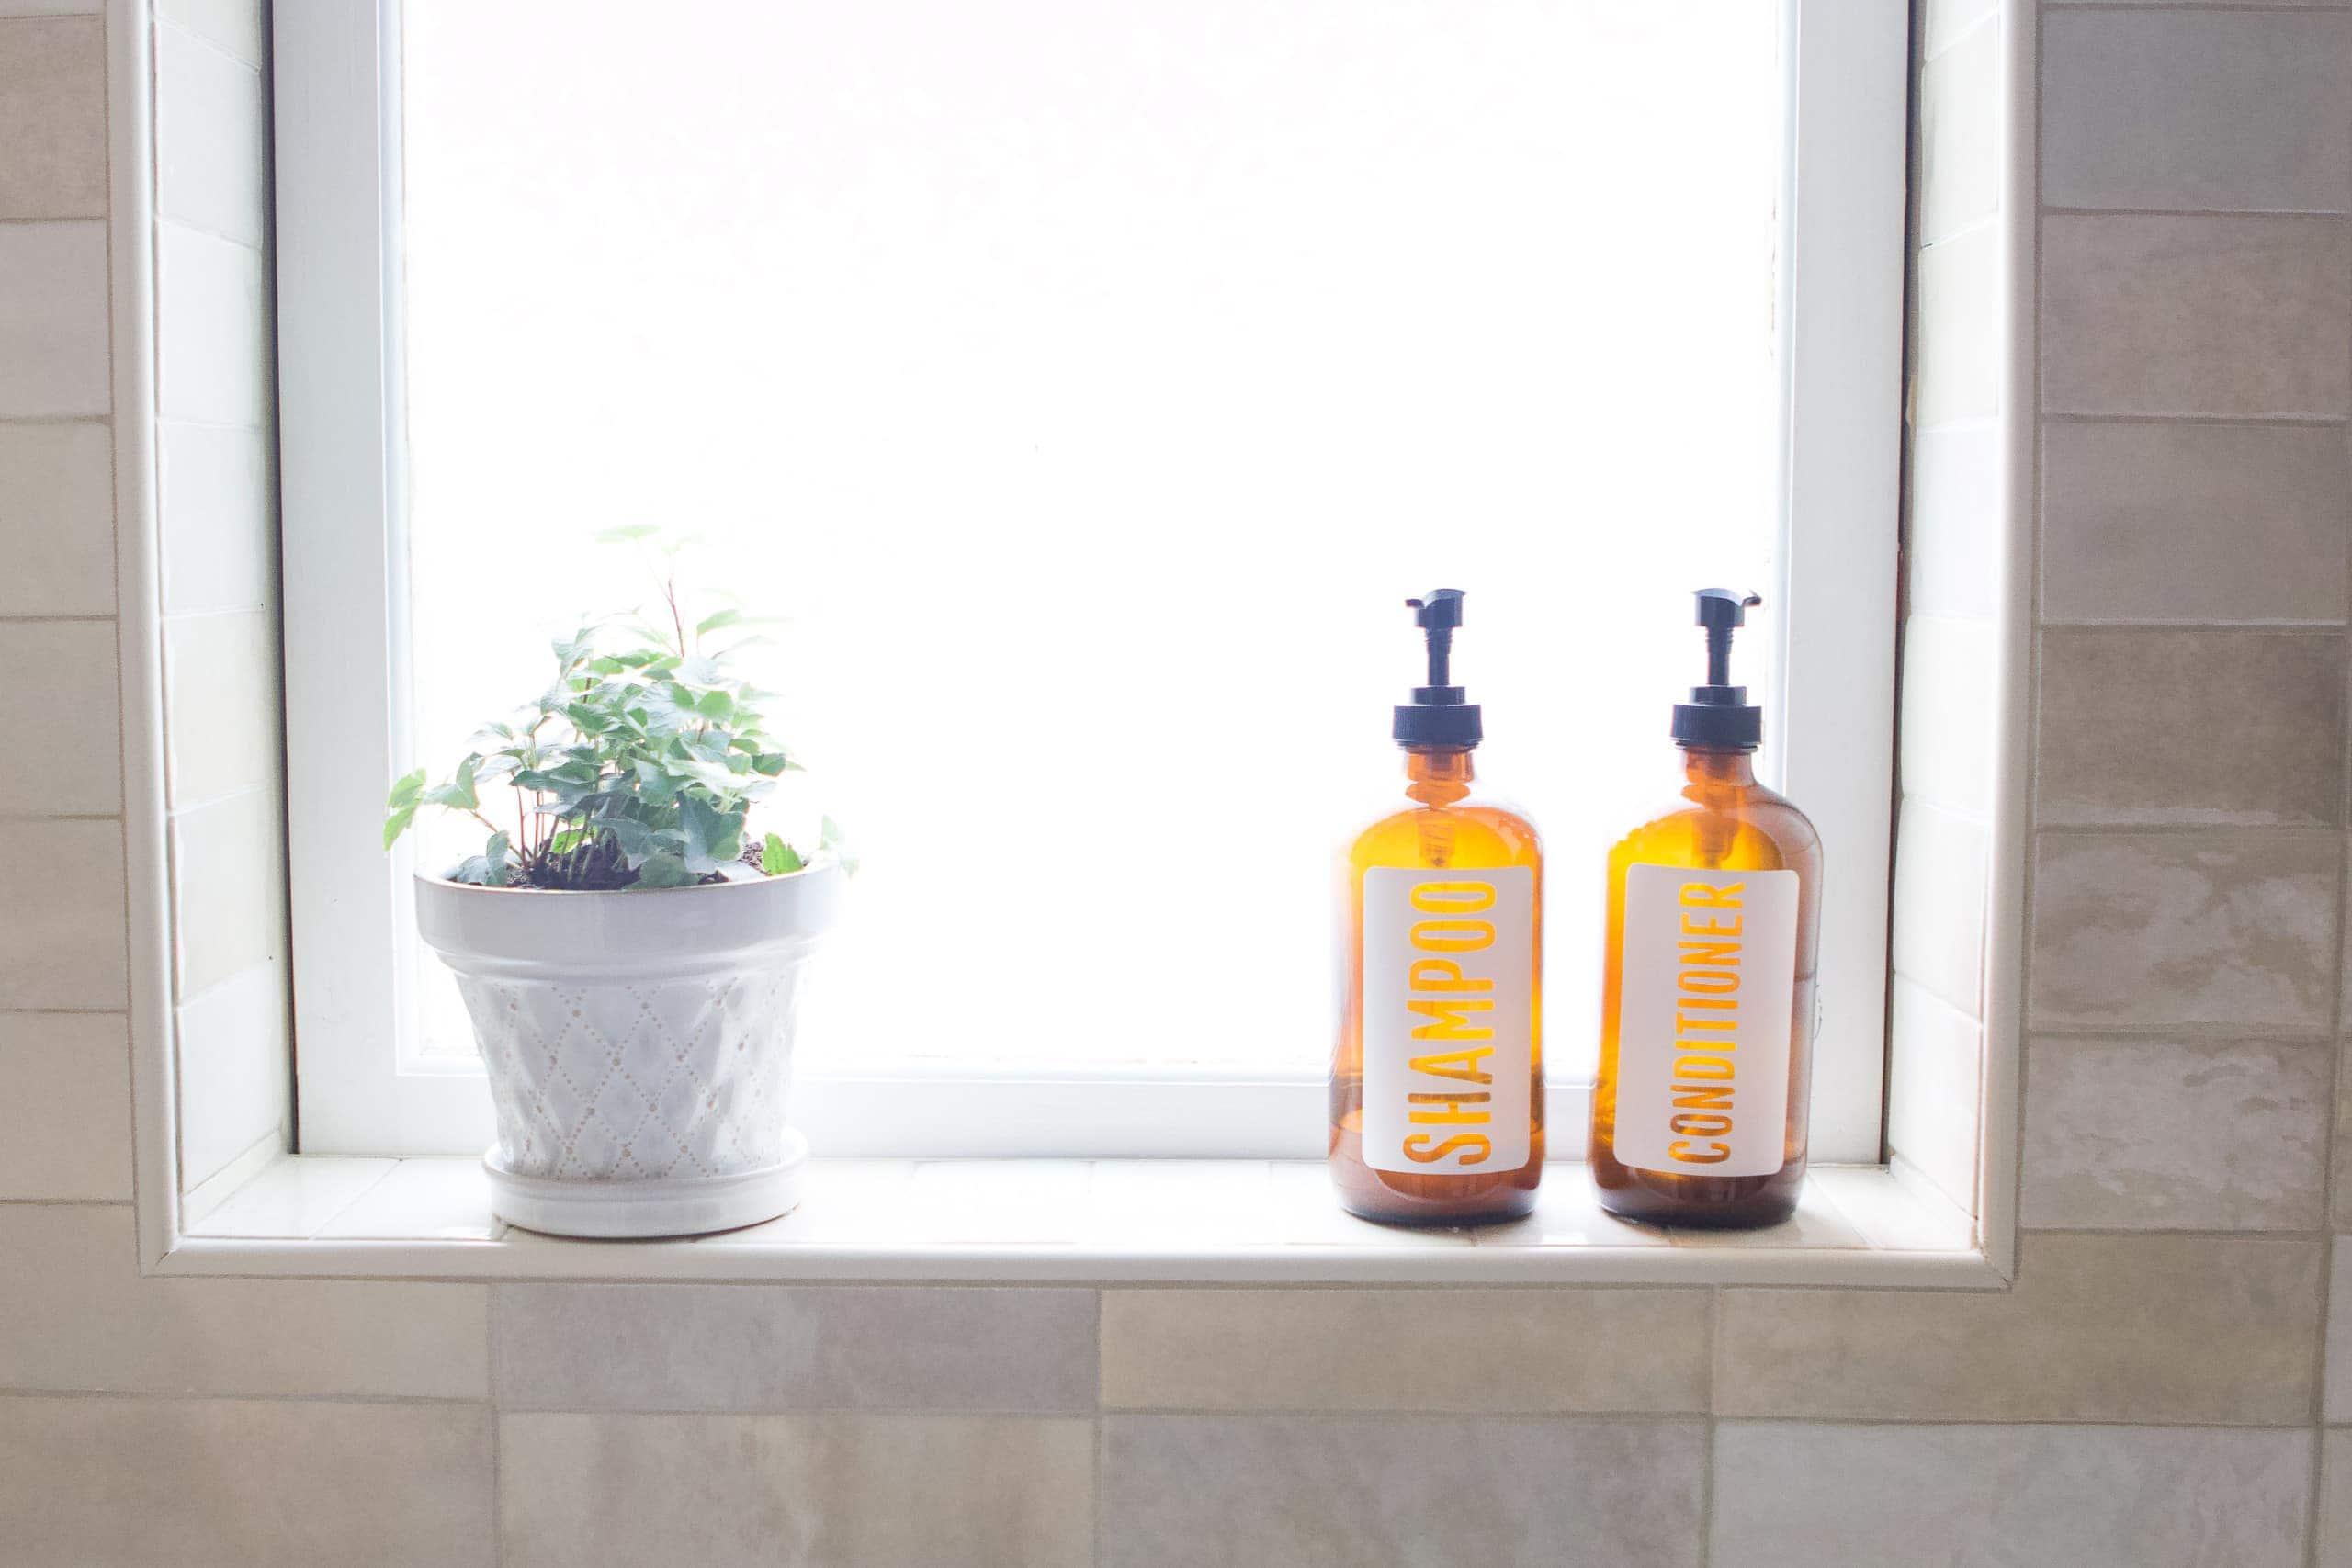 Window sill in a shower